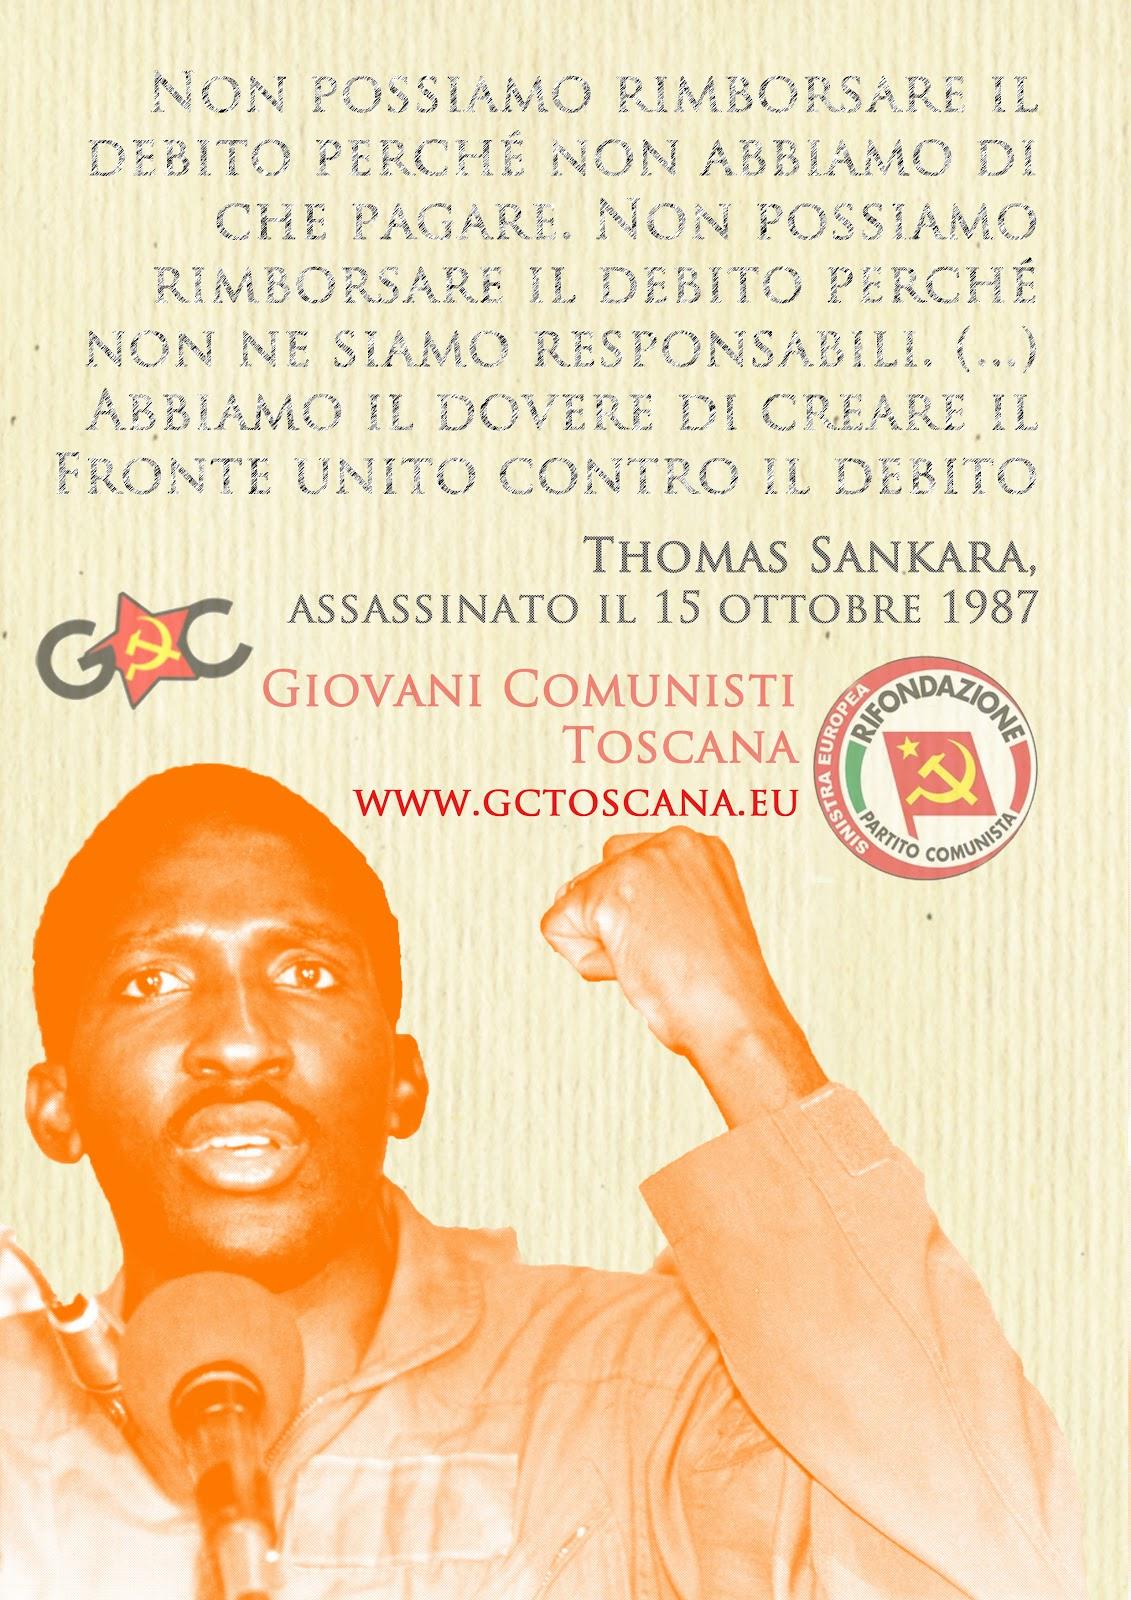 http://1.bp.blogspot.com/-dhwWJ1qpKYM/UIGOG_9oXtI/AAAAAAAAAVI/E1wpNvxikxE/s1600/Sankara2012.jpg